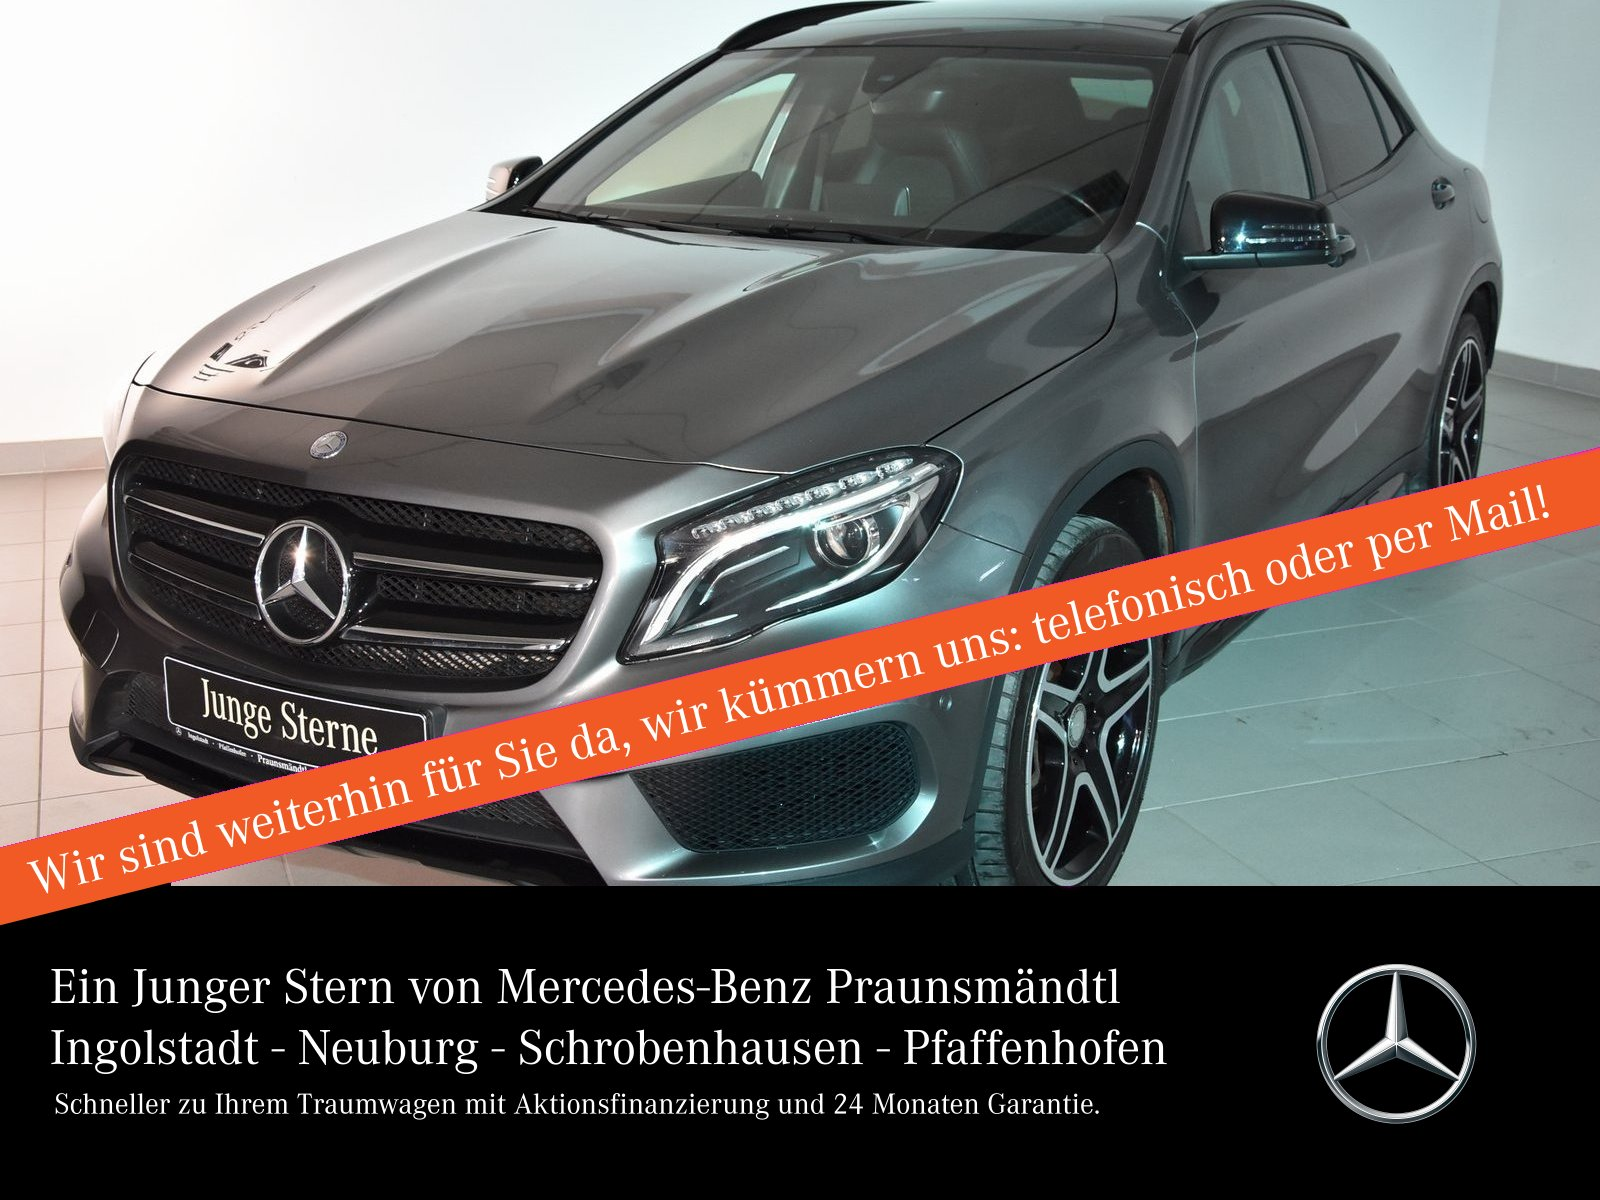 Mercedes-Benz GLA 220 d 4M AMG Sport Panora/Kamera/Xenon/Sound, Jahr 2015, Diesel